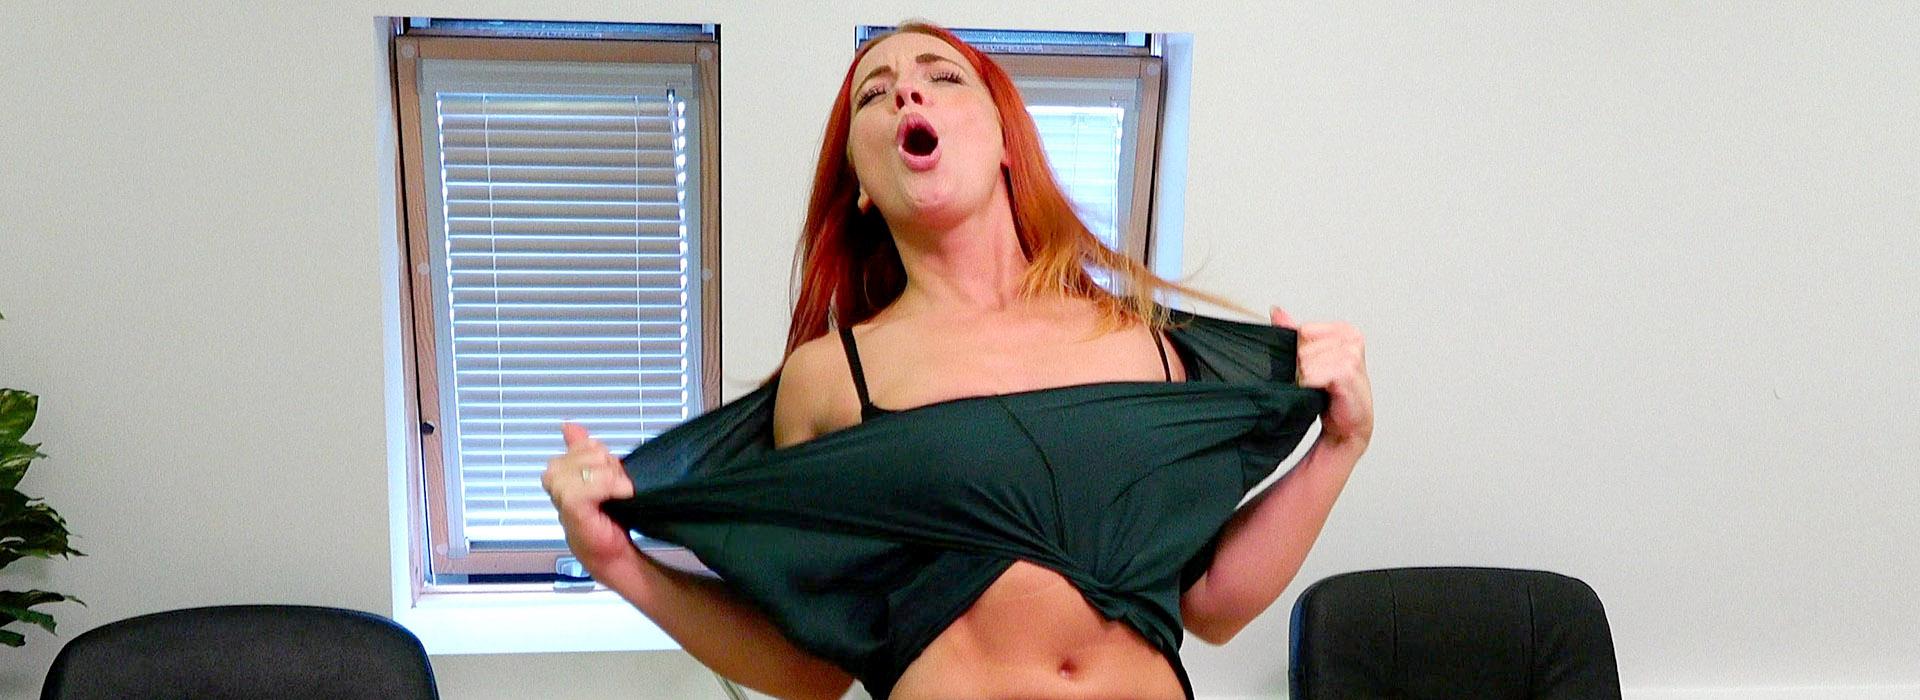 pics of virgin tits